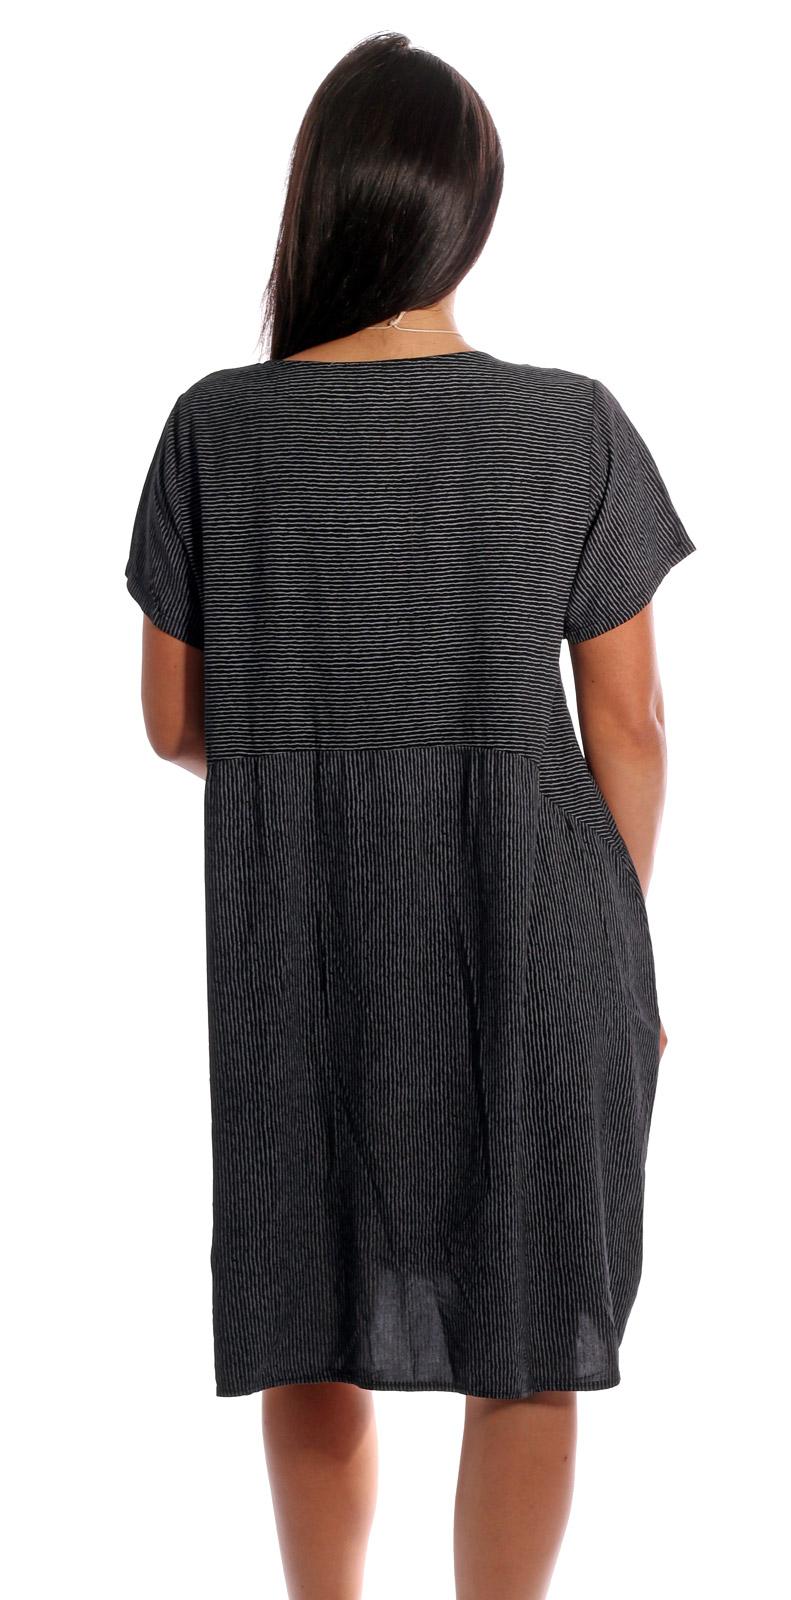 kleid, sommerkleid kurzarm gestreift mit modeschmuckkette schwarz